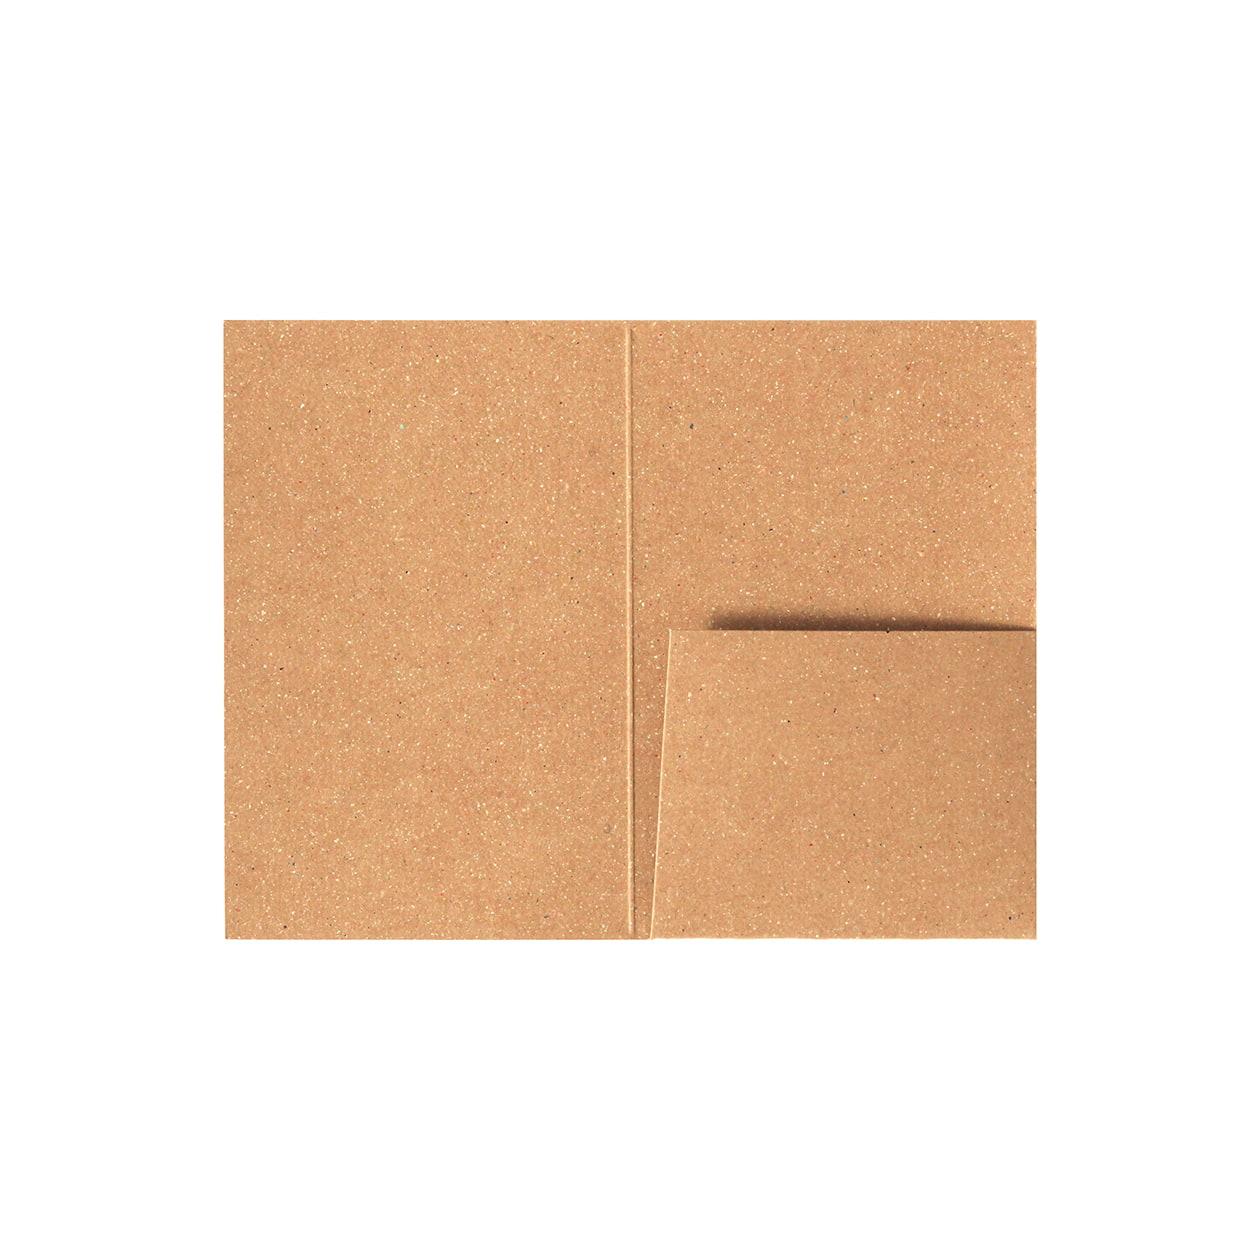 カードフォルダー 1ポケット ボード紙ブラウン 270g